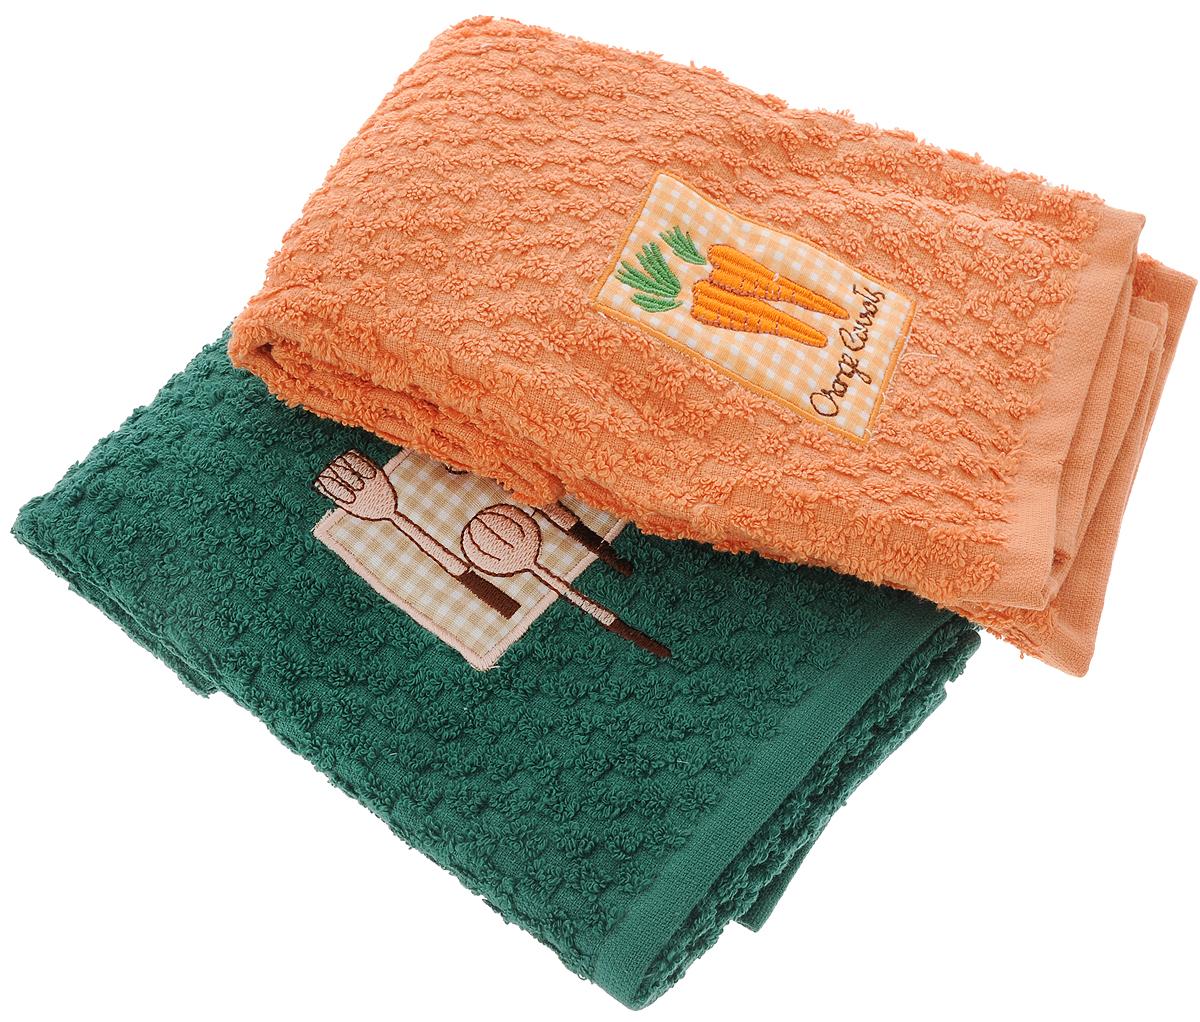 Набор махровых полотенец Bonita Солнечный, 40 см х 60 см, 2 шт20100313373_зеленый, оранжевый